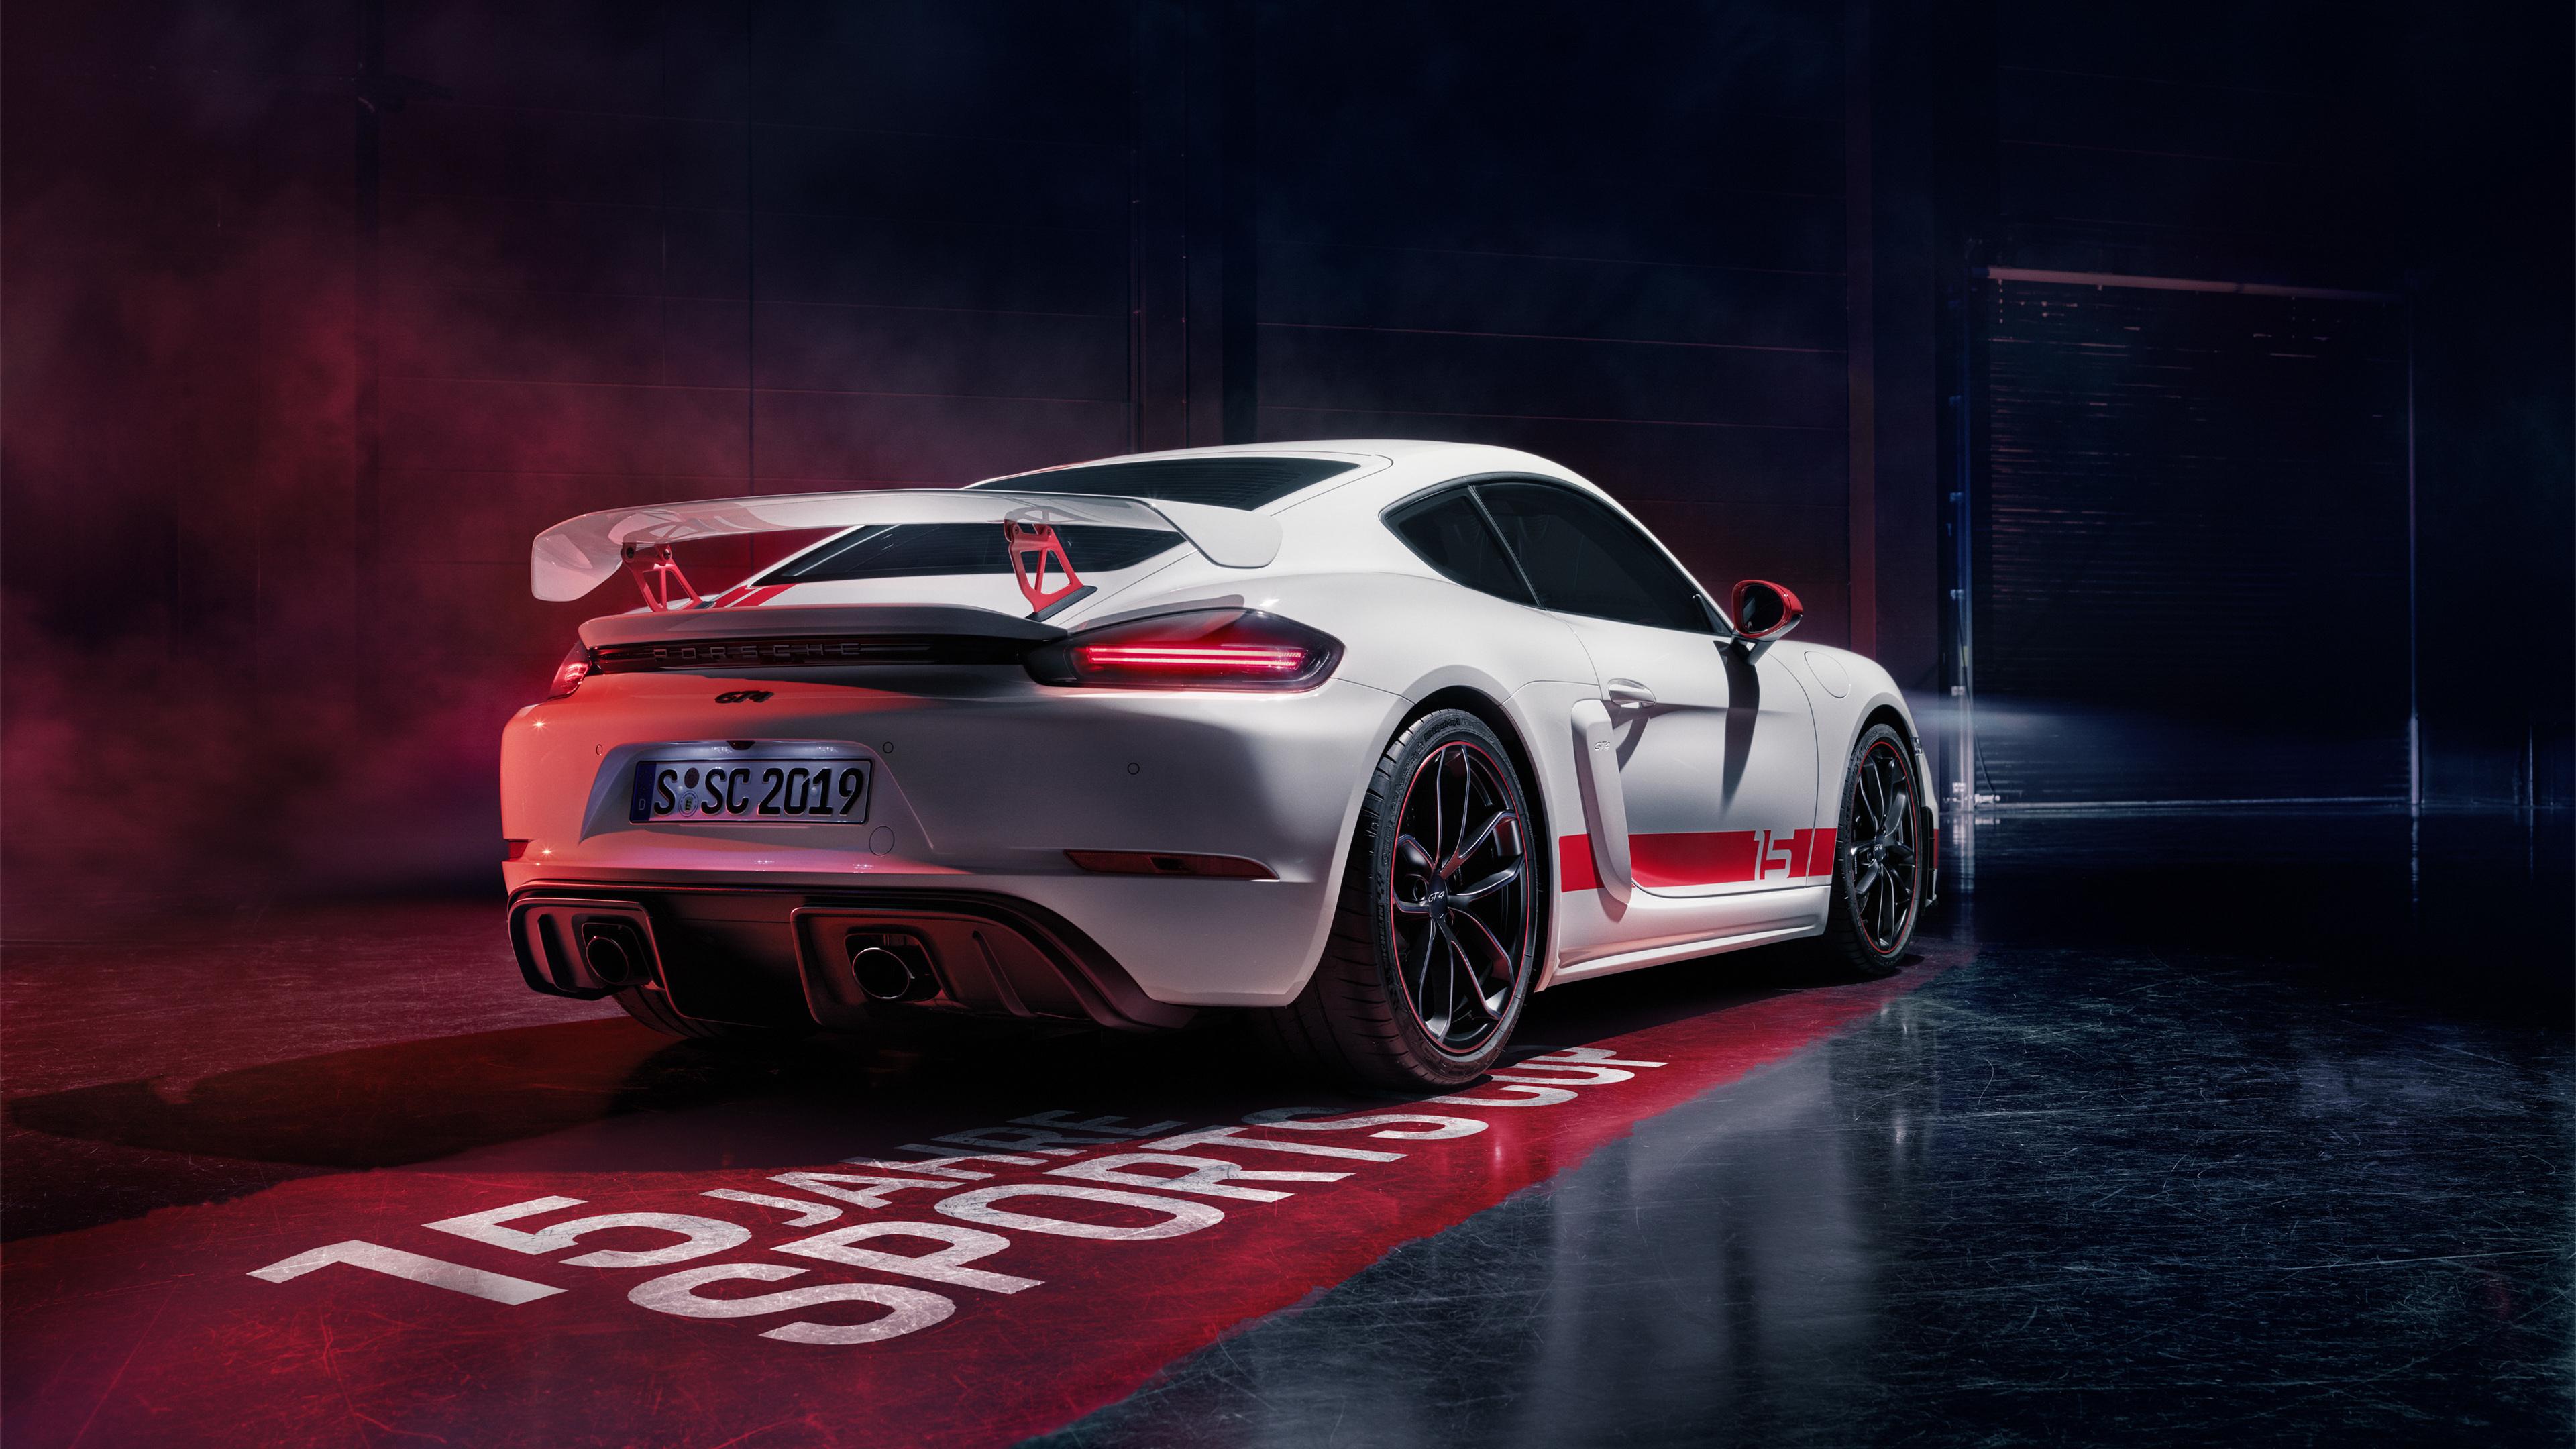 Wallpaper 4k Porsche 718 Cayman Gt4 Sports Cup Edition 2019 2019 Cars Wallpapers 4k Wallpapers Cars Wallpapers Hd Wallpapers Porsche 718 Wallpapers Porsche Wallpapers